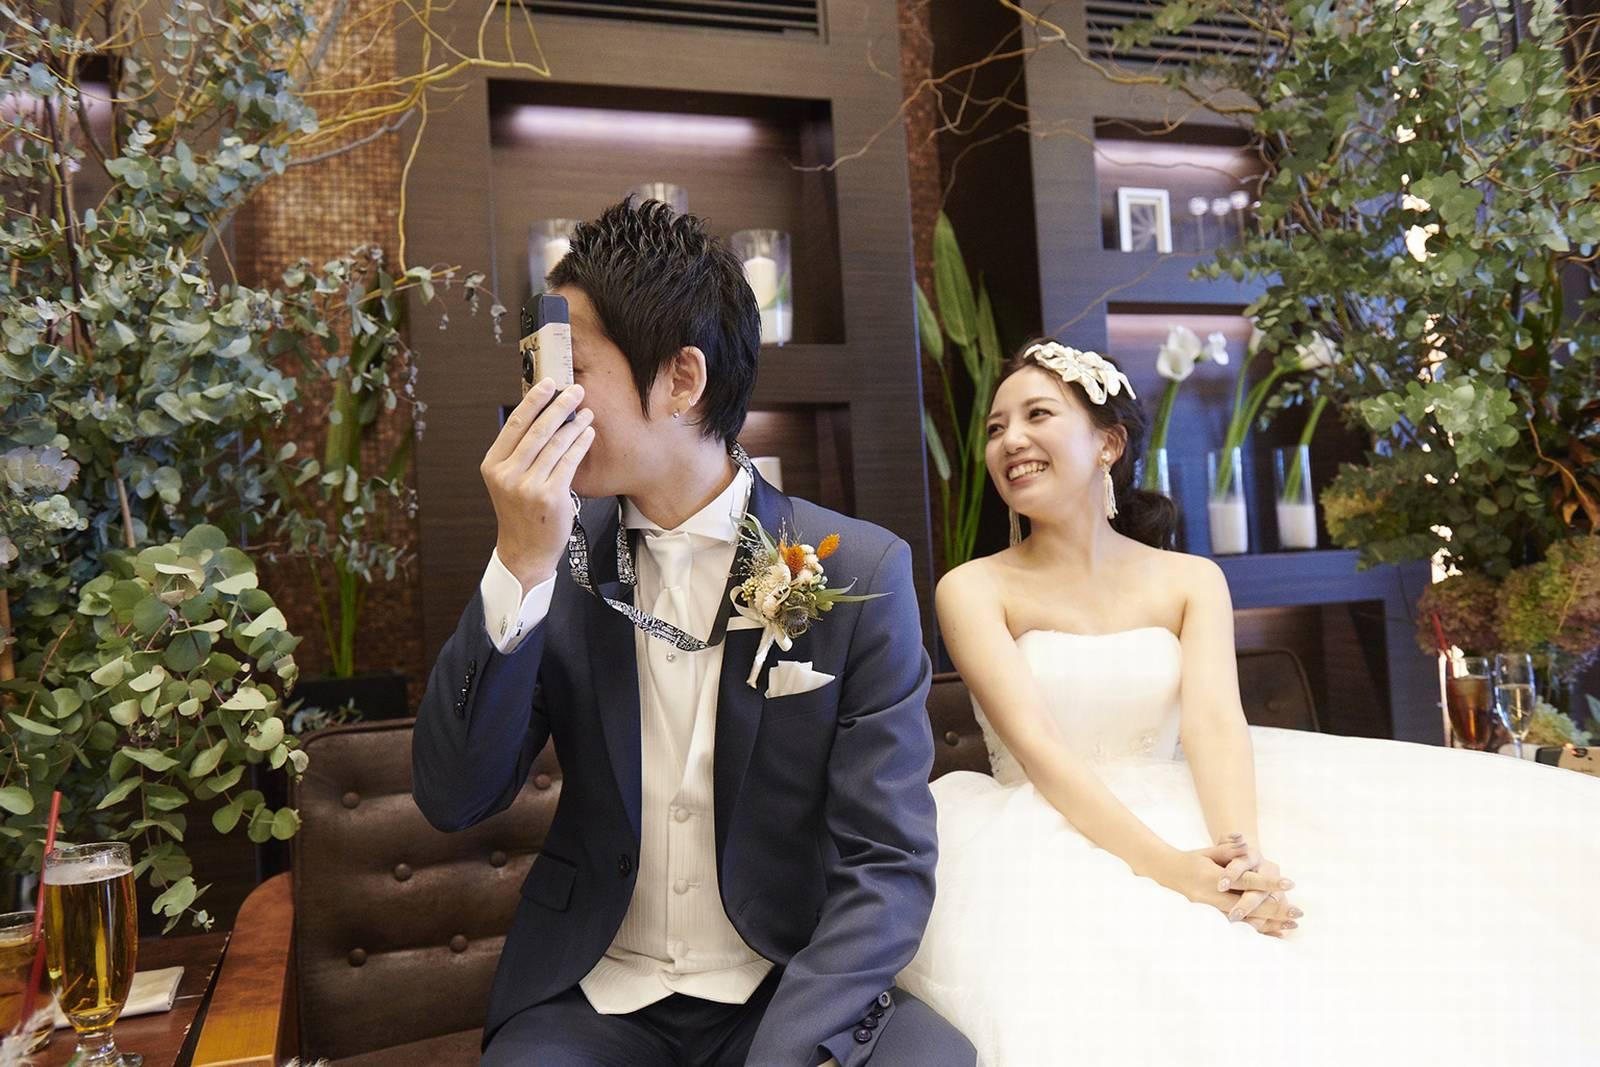 徳島県の結婚式場ブランアンジュでカメラで撮り合い